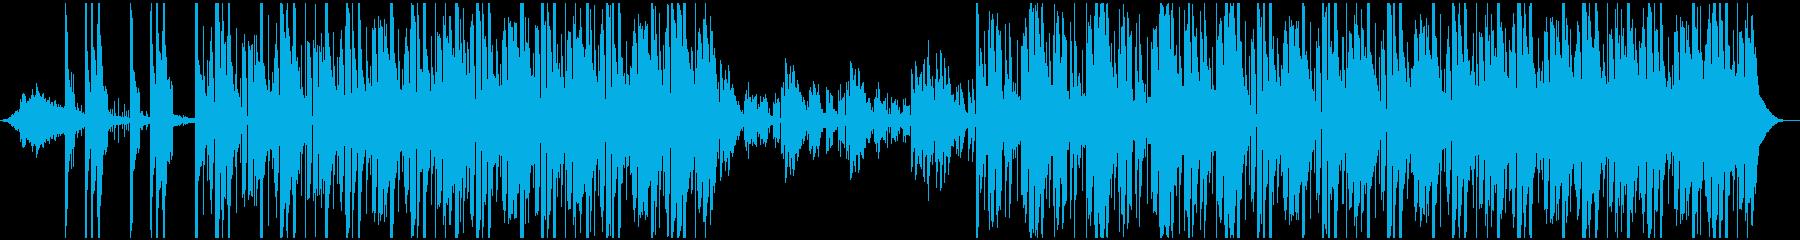 神秘的なコードと刺すようなリズムの...の再生済みの波形